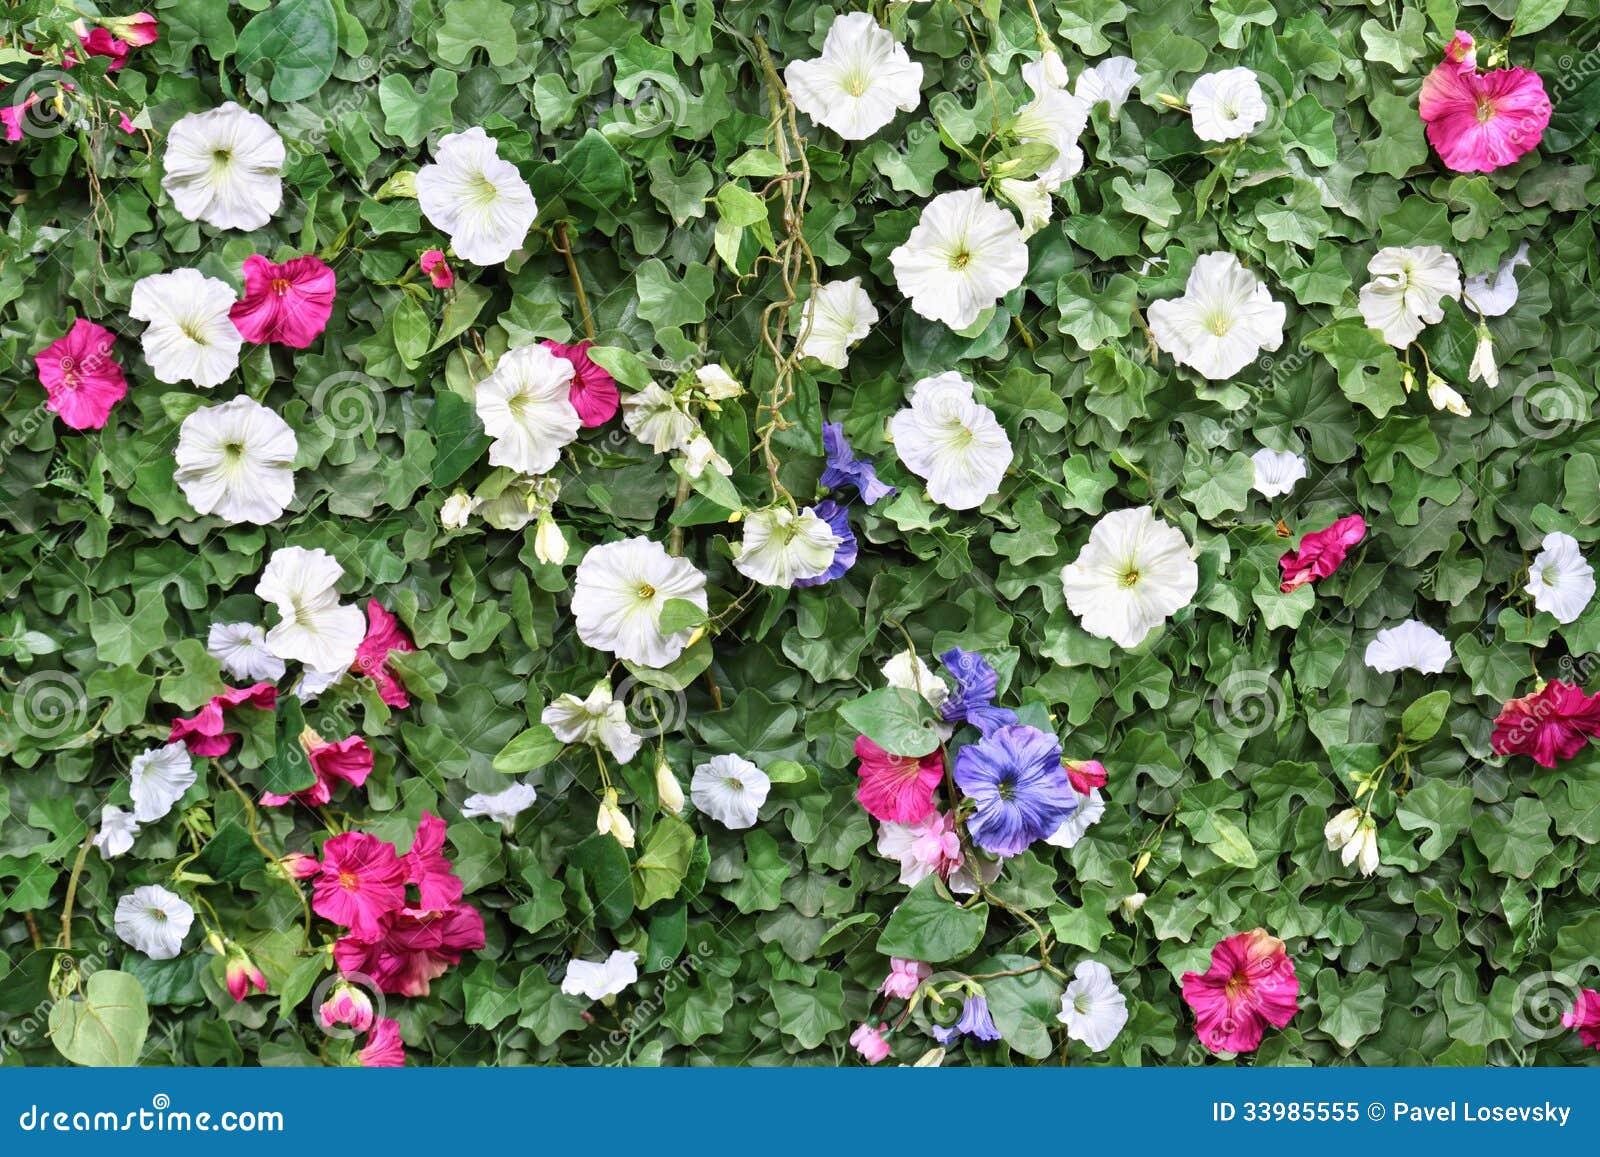 Schöne Künstliche Grüne Hecke Mit Blumen Lizenzfreies Stockfoto